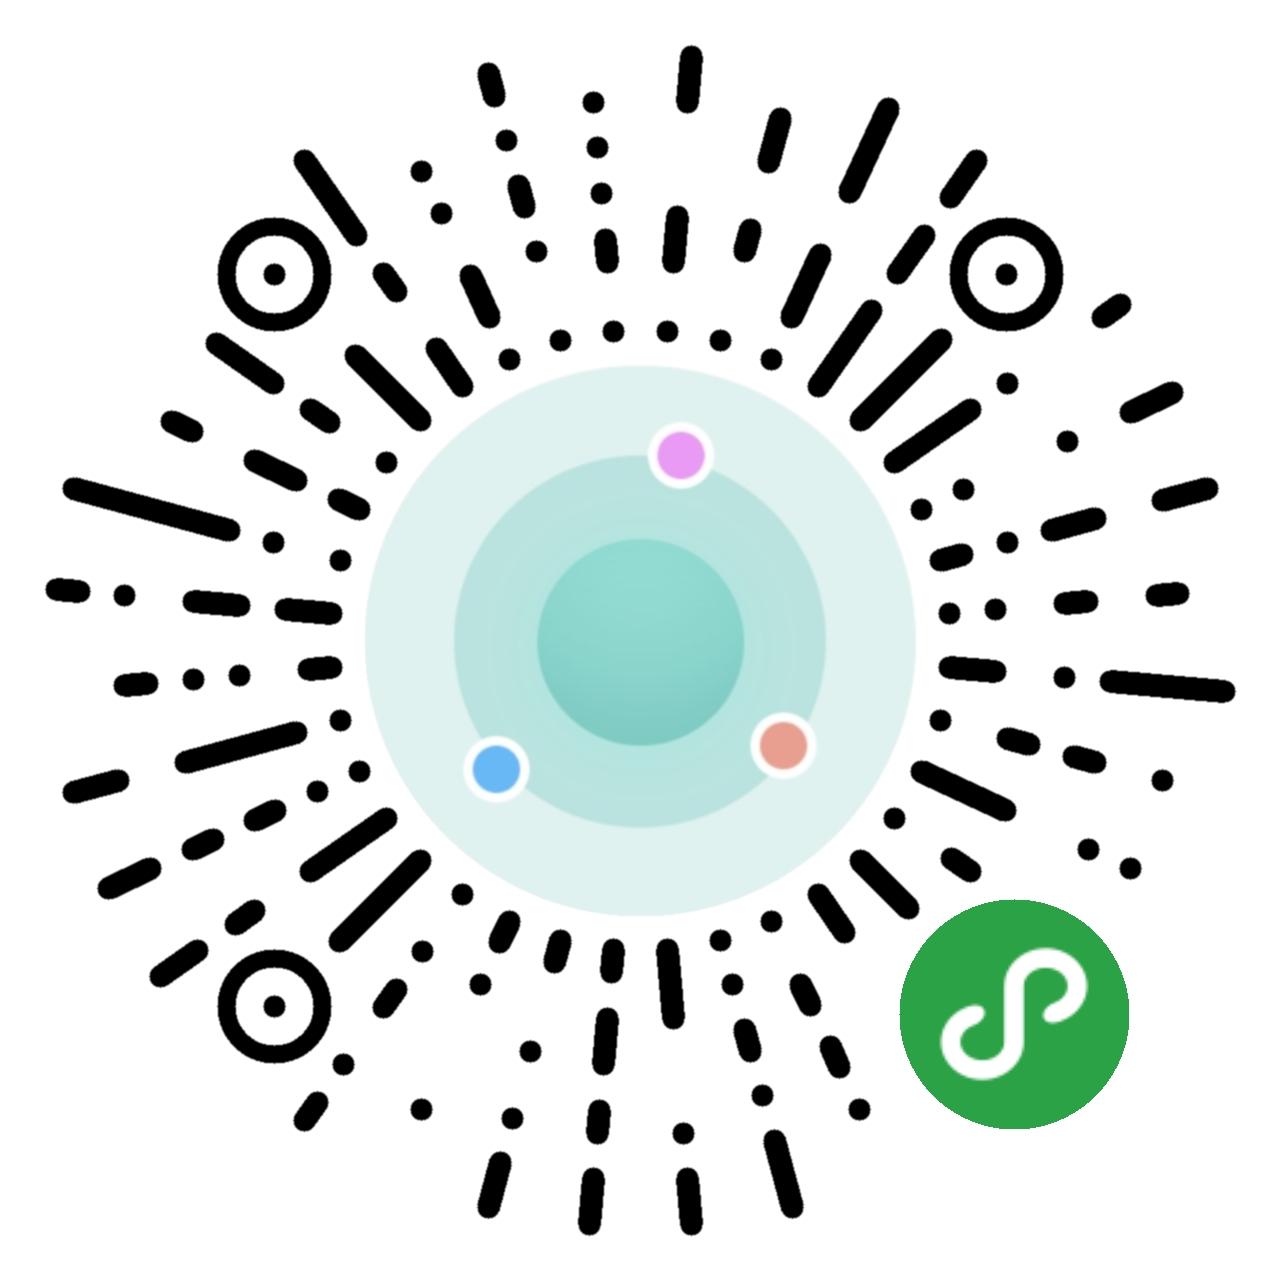 共响材料圈-微信小程序二维码